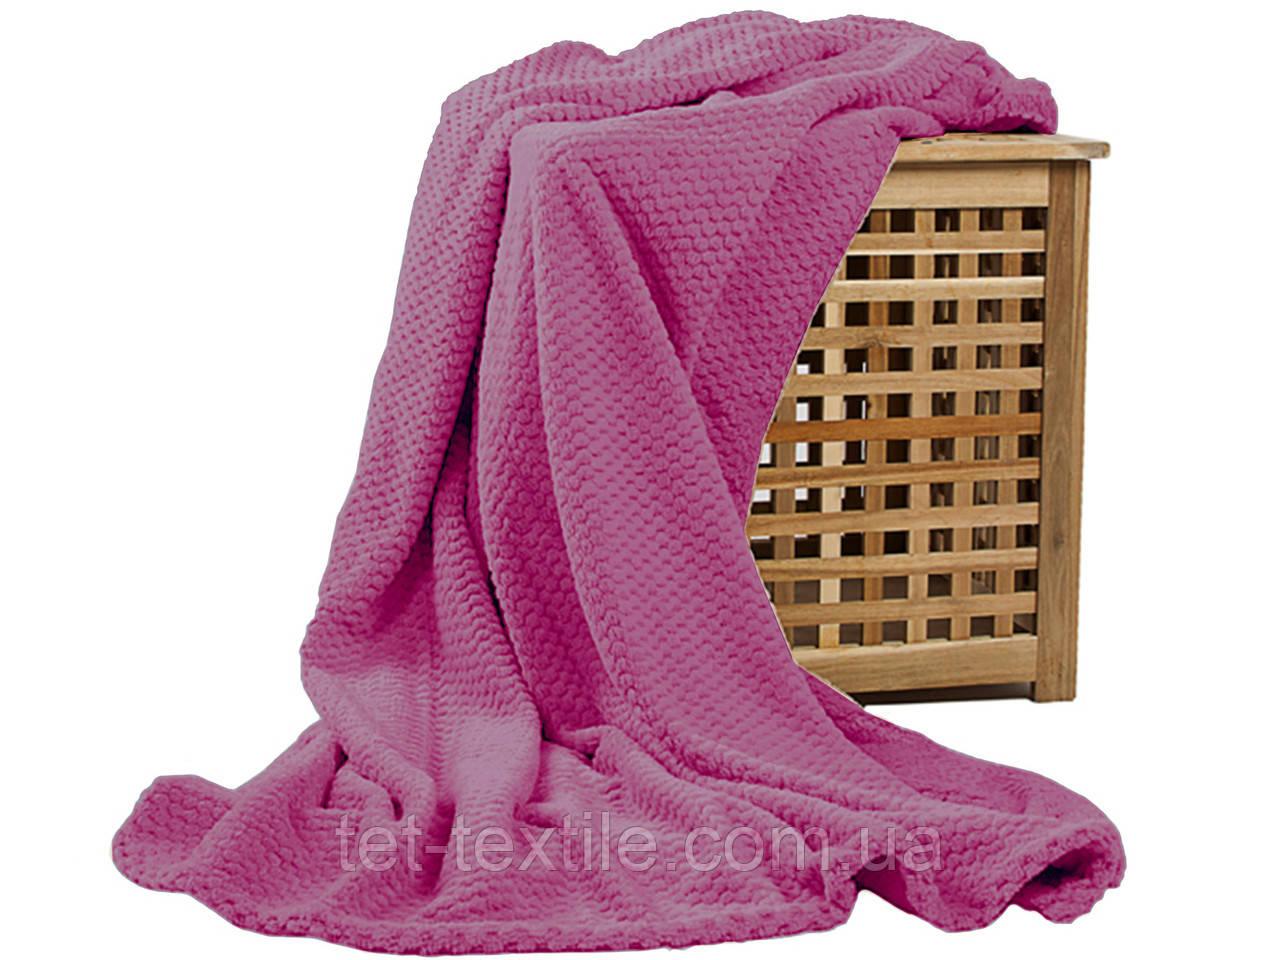 Плед из бамбукового волокна Koloco розовый (200x230)